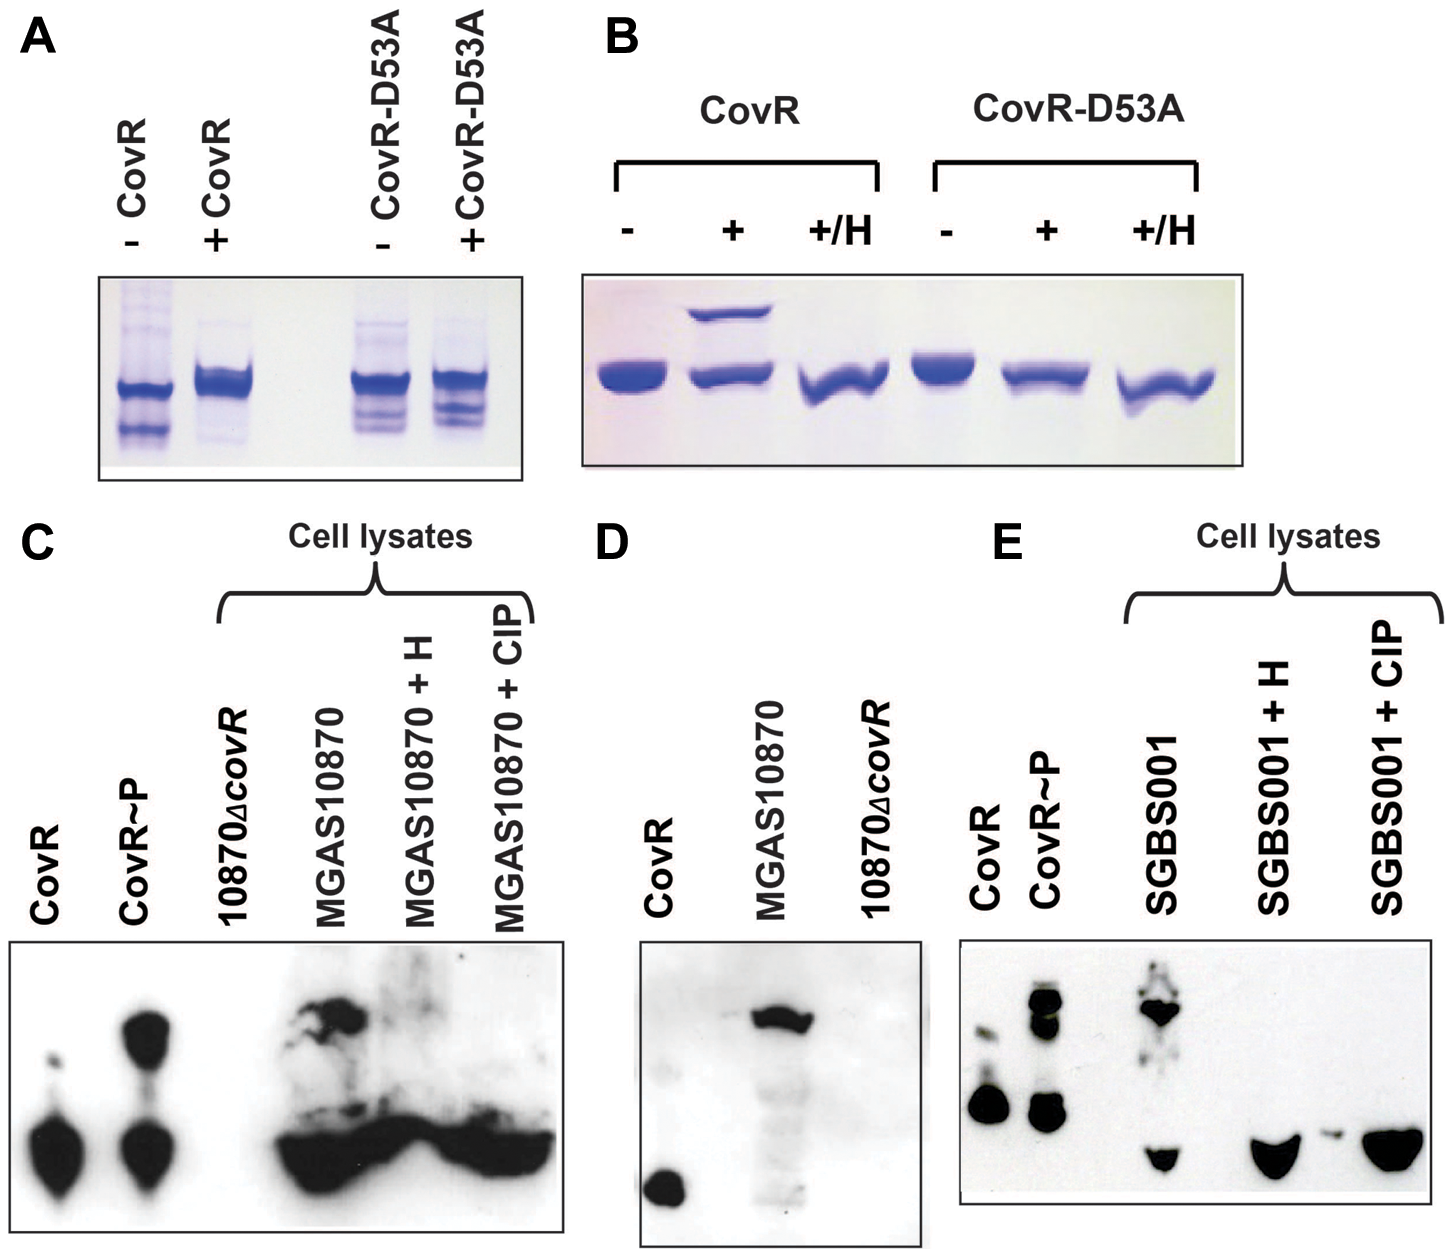 Detection of CovR phosphorylation <i>in vitro</i> and <i>in vivo</i>.